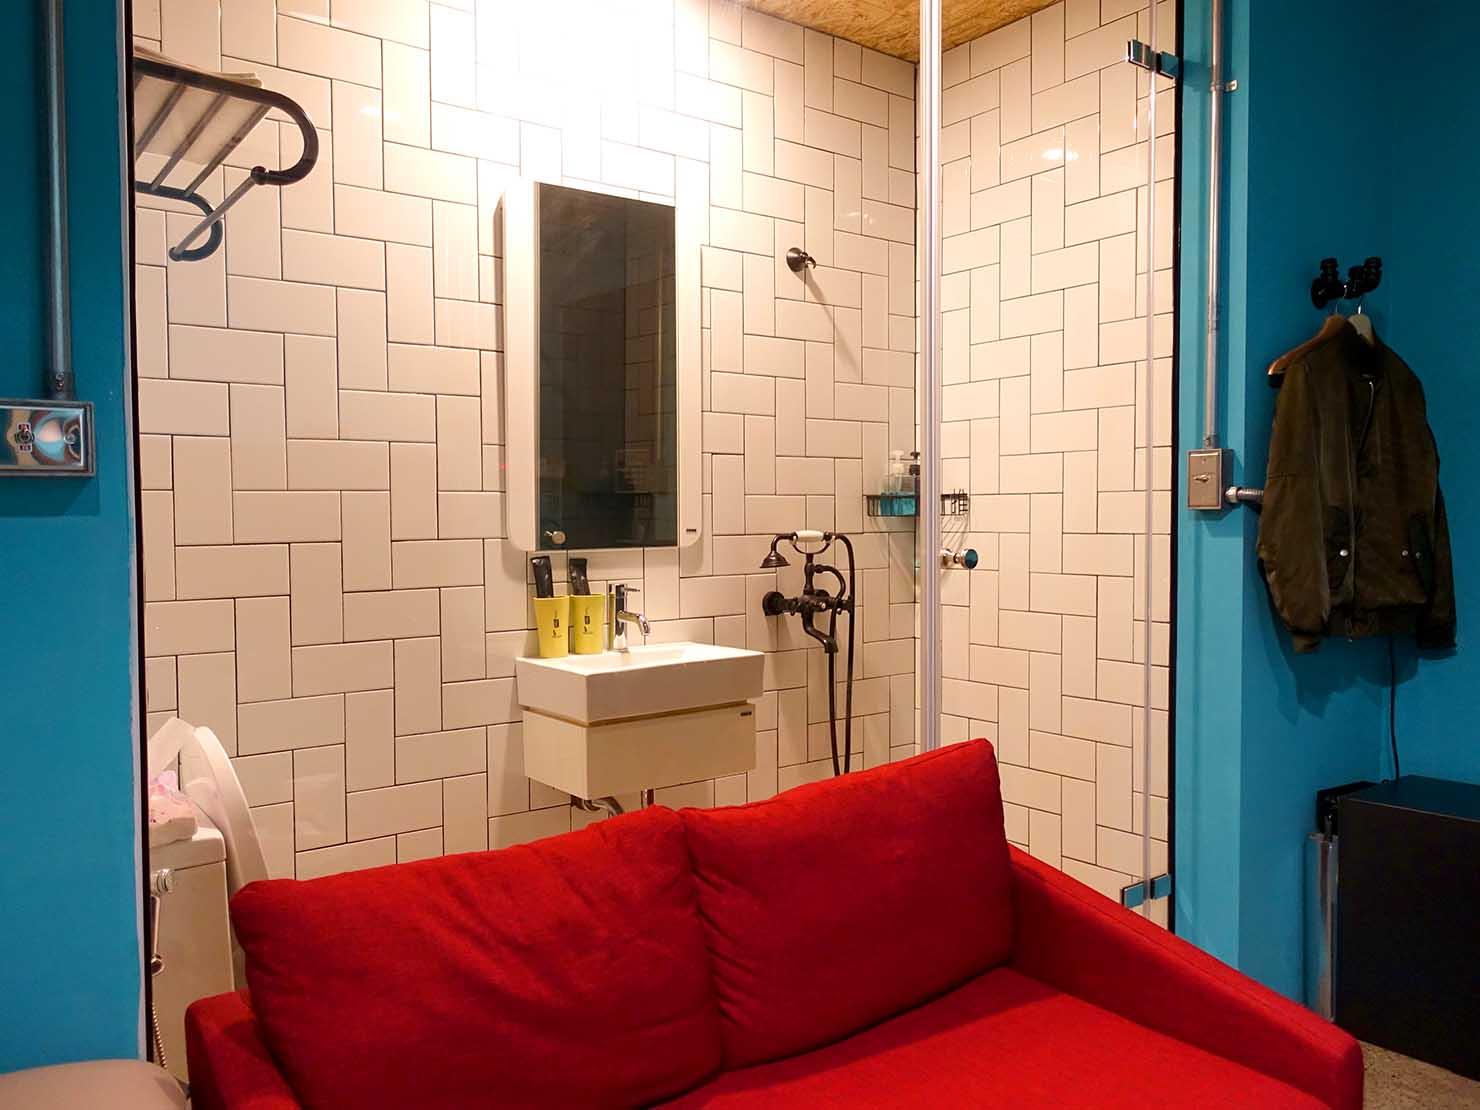 台中駅徒歩10分のリーズナブルなおすすめミニホテル「光原宿 Light House」ダブルルームのシャワールーム